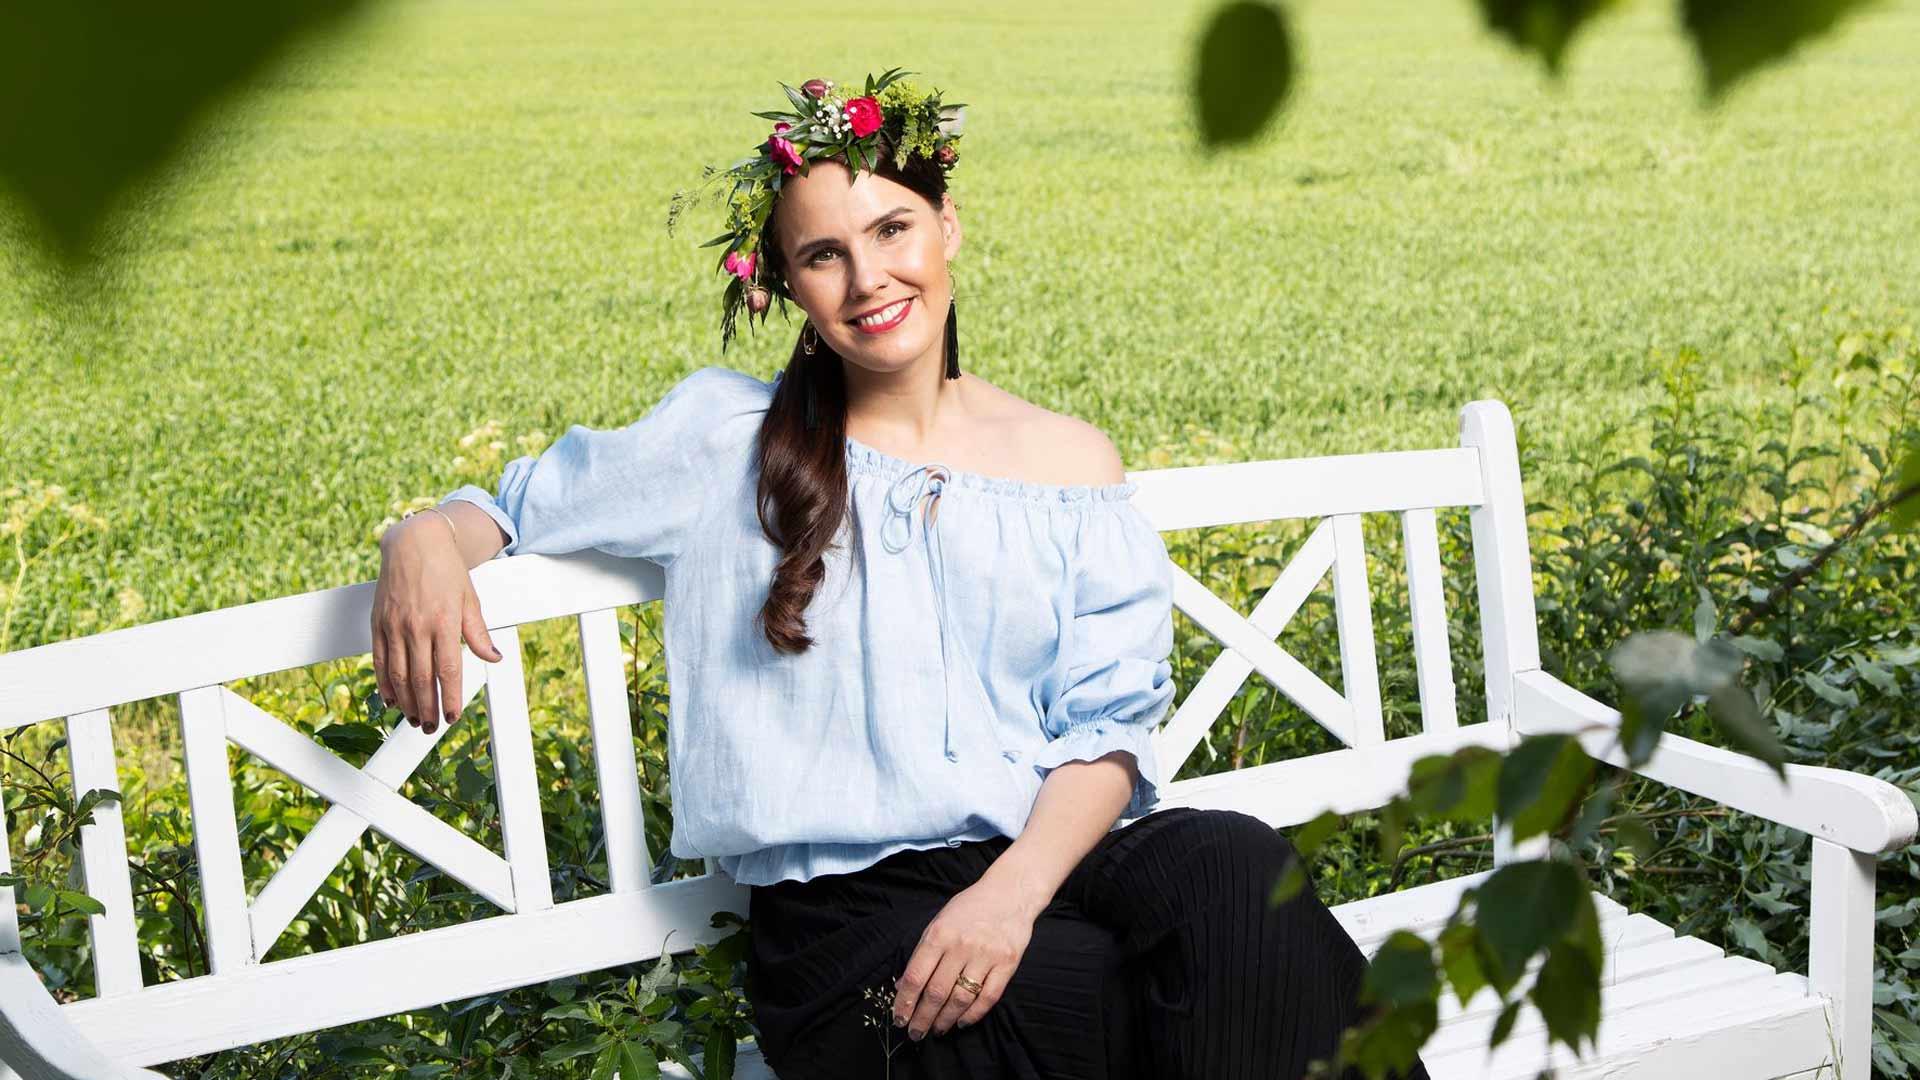 Laulaja ja taidemaalari Anne Mattila oli valmistautunut hektiseen kevääseen, mutta sitten tuli korona. Keväällä hän keskittyi maalaamiseen, poltti kynttilöitä ja kirjoitti runoja.